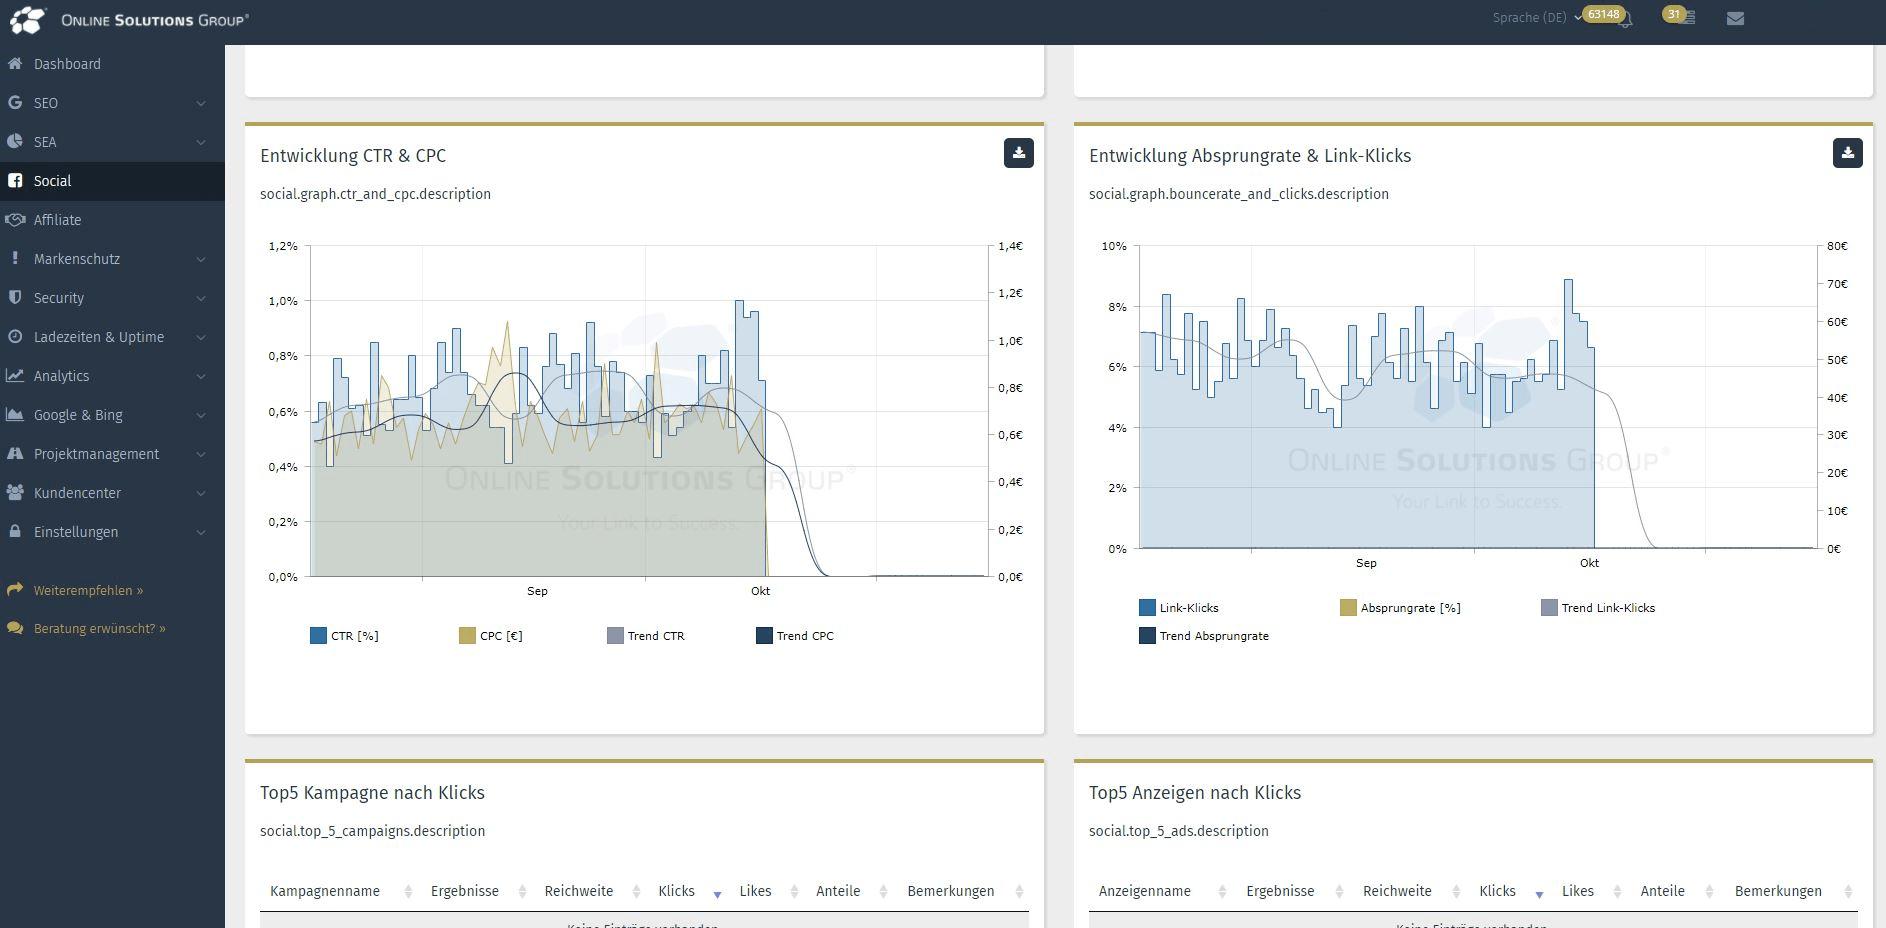 Die Performance Suite mit Social Media Tool: Kosten und Reichweiten KPIs